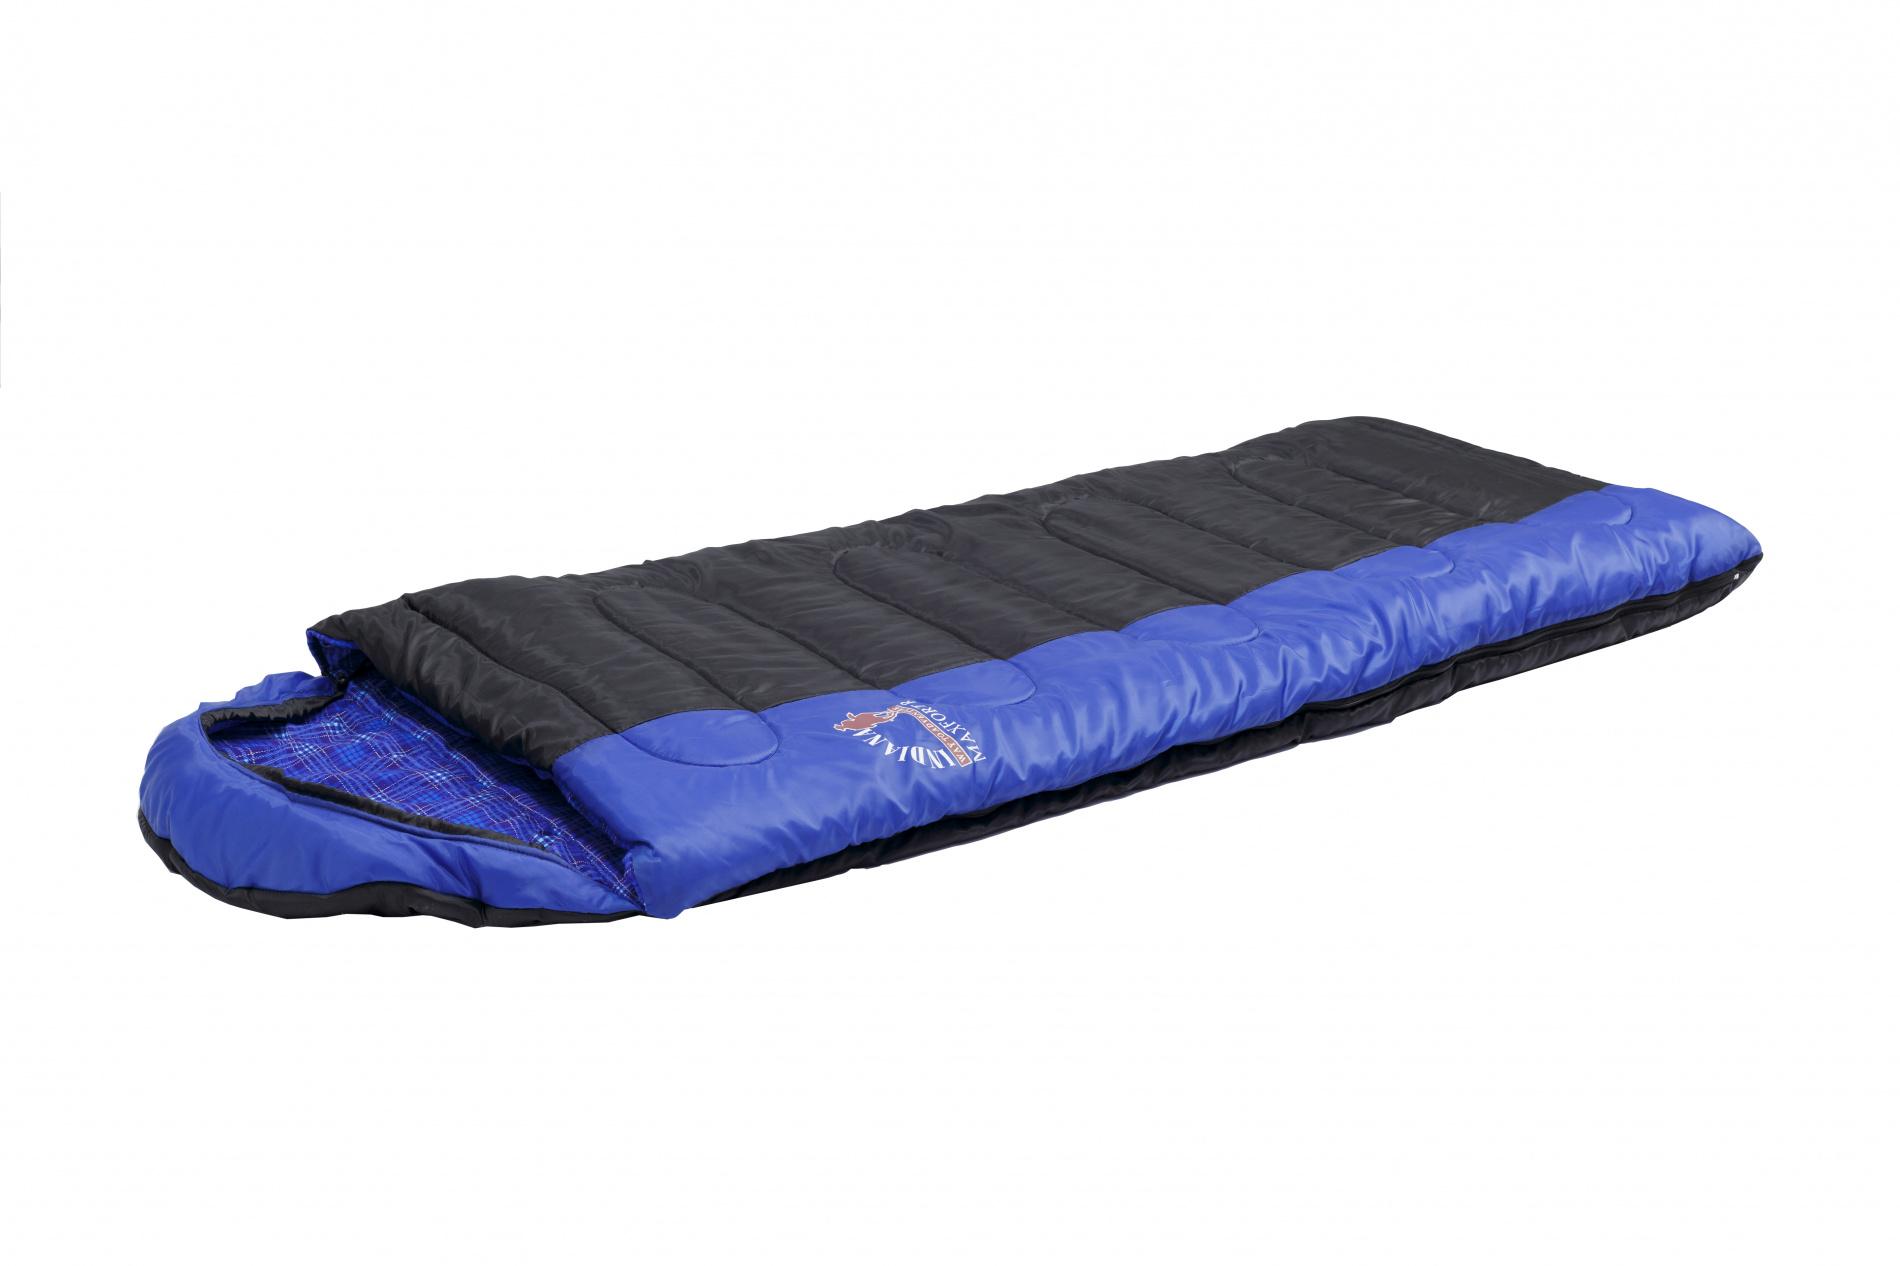 Спальный мешок MAXFORT R-zip от -8 C (одеяло с подголов Спальники<br>Спальный мешок MAXFORT R-zip от -8 C (одеяло с подголов <br>фланель 195+35X90 см)<br>Cпальный мешок-одеяло с капюшоном-подголовником, <br>который можно использовать в путешествиях <br>на природу и повседневной жизни. Отличительной <br>особенностью этой модели, является использования <br>хлопковой фланели в качестве подкладки, <br>что увеличивает комфортность использования <br>спальника.<br>Выпускается как с левой так и с правой молнией, <br>что позволяет соединить два спальник друг <br>с другом.<br>Молния справа<br>Характеристики<br>Масса: 2,9 кг<br>Экстремальная температура: С-8<br>Температура комфорта: С+10<br>Верхняя температура комфорта: С+5<br>Наполнитель: Fiber Warm<br>Размеры: 195+35х90 см<br>Размеры: в чехле 49х25 см<br>Внутренняя ткань: хлопок<br>Внешняя ткань: полиэстер<br><br>Сезон: демисезонный